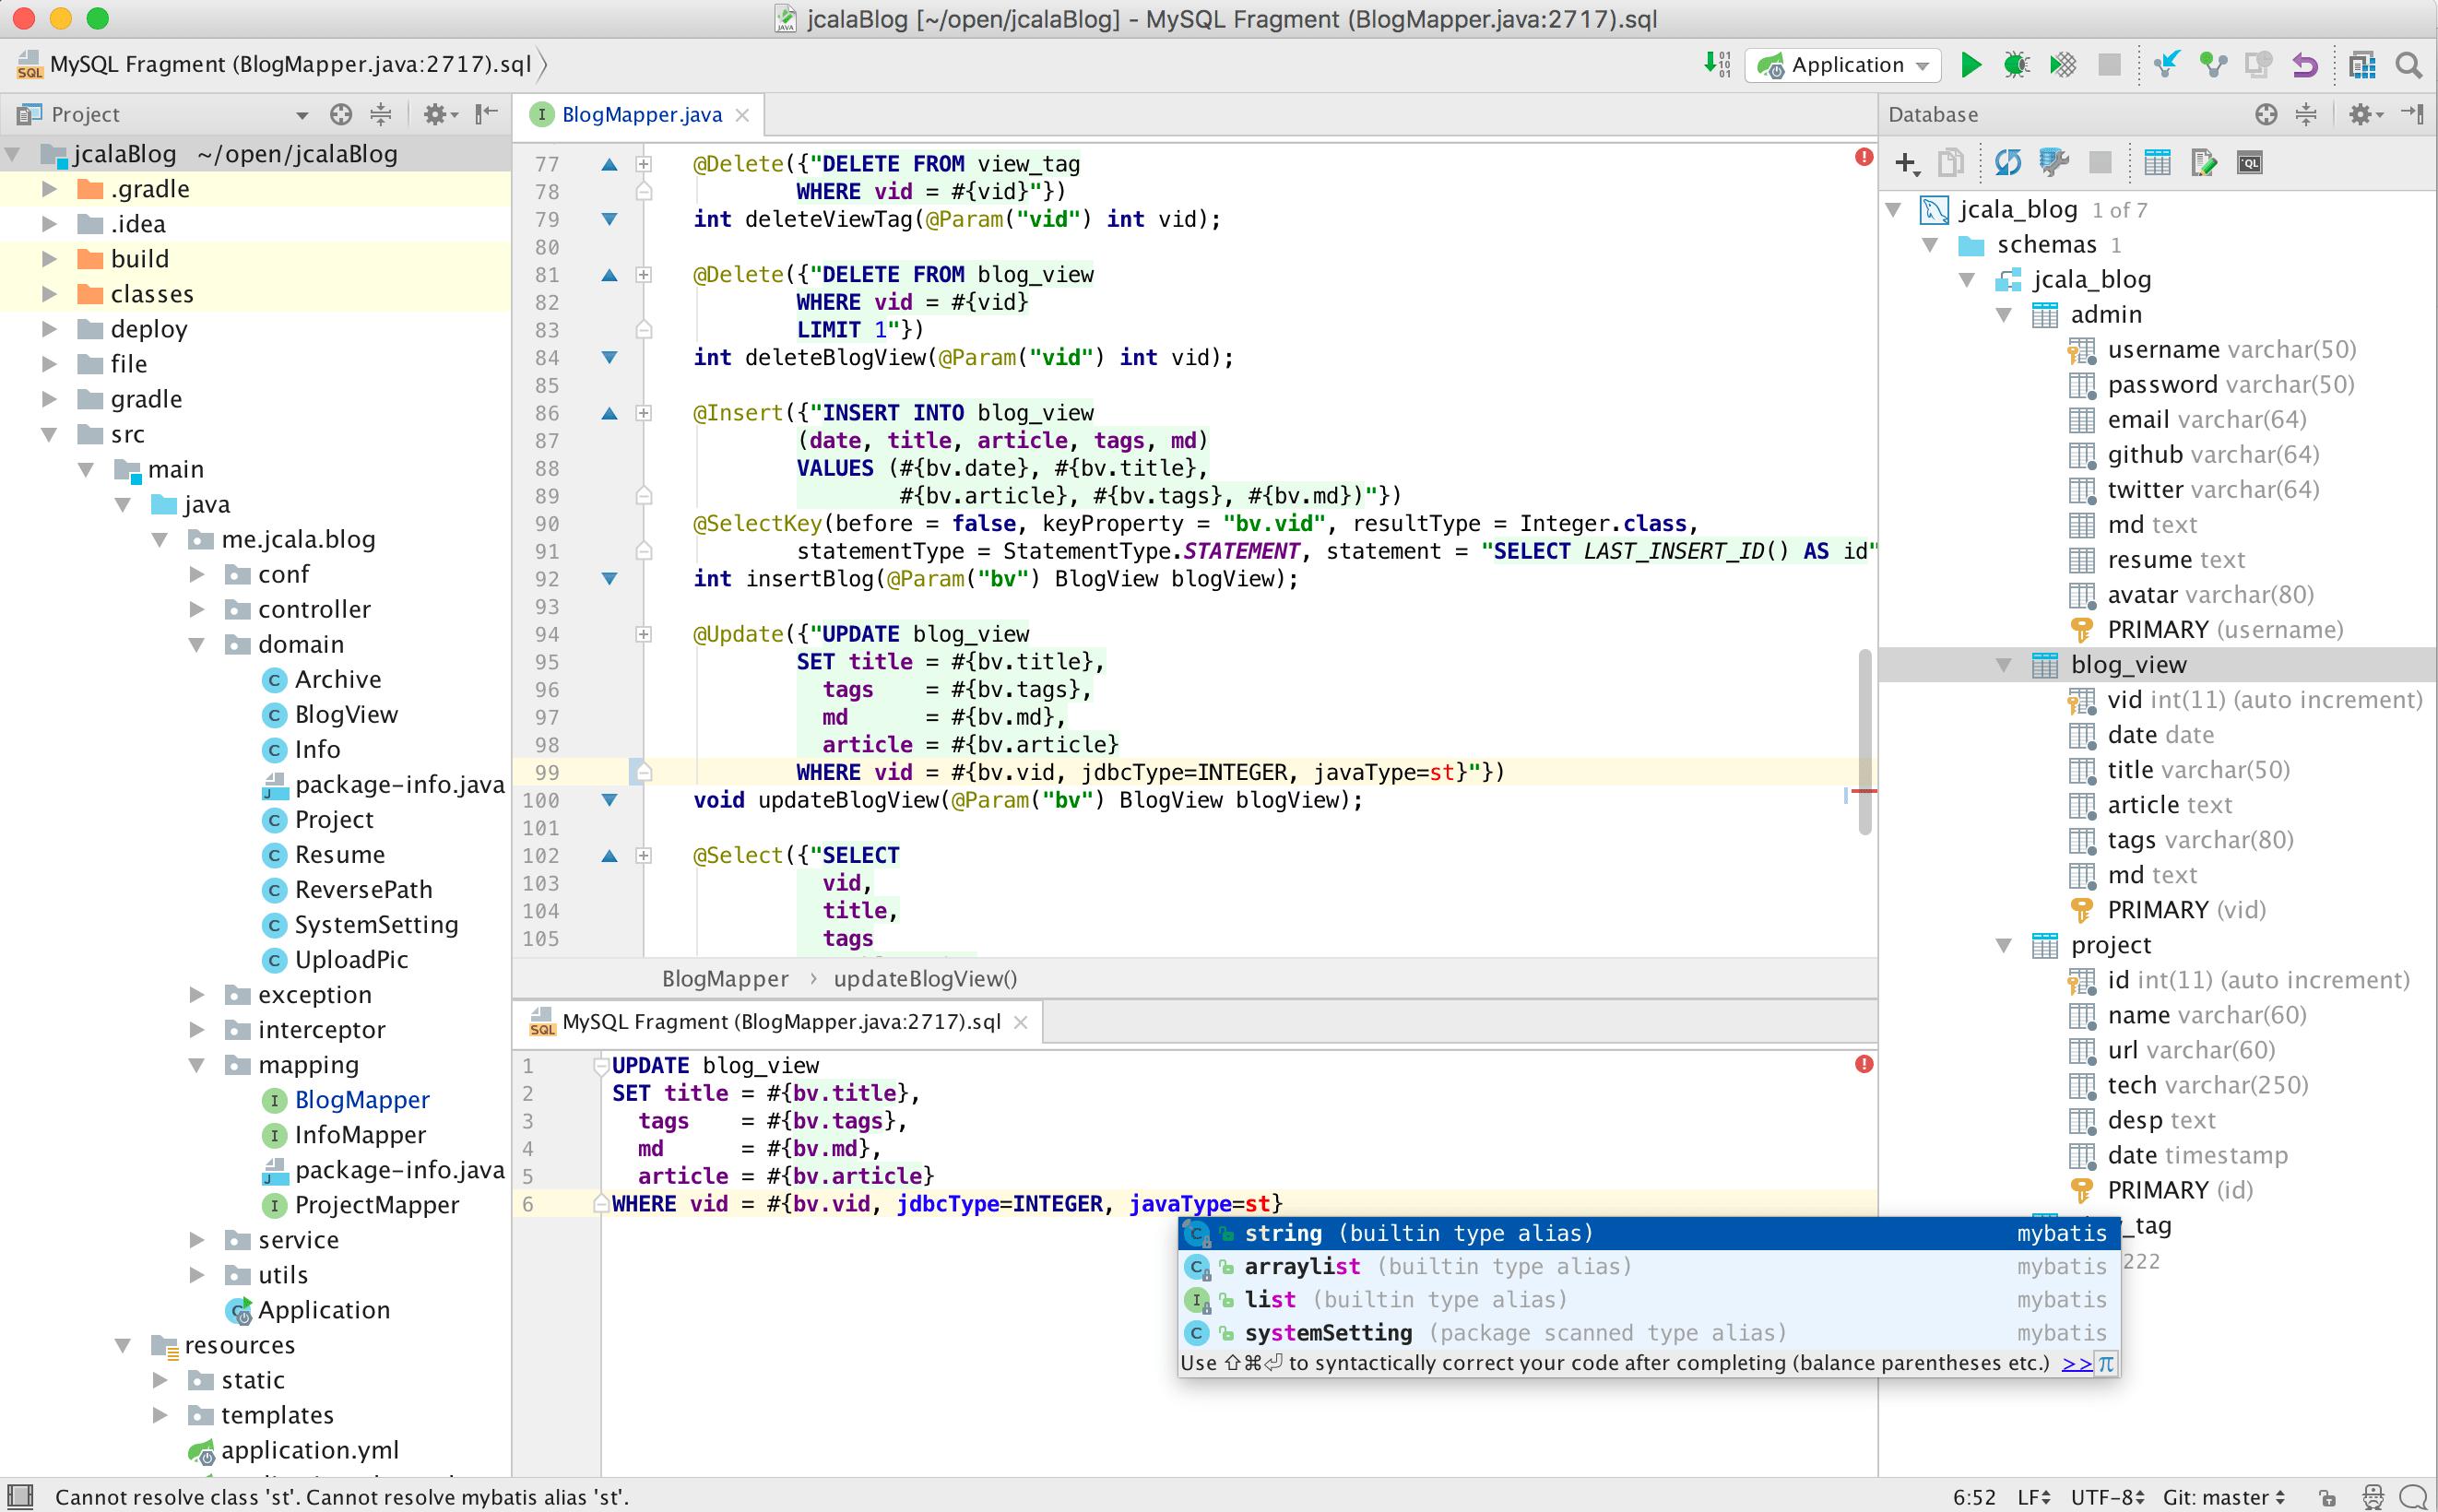 A Mybatis plugin that makes interaction with Mybatis seamless